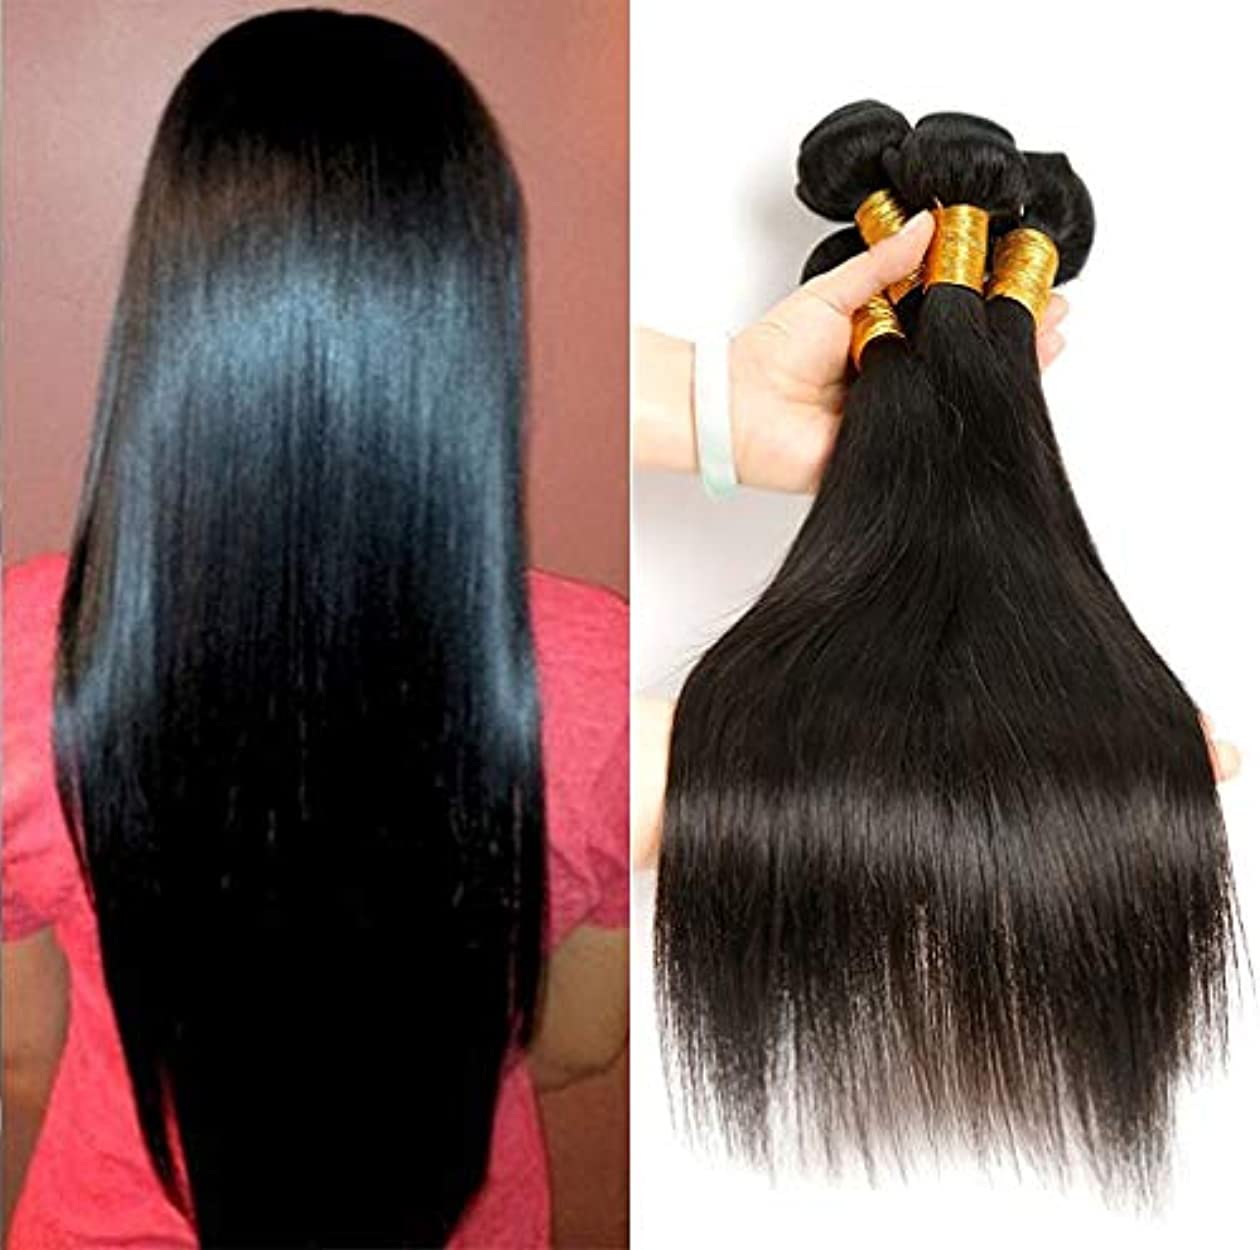 プライム震え忘れる女性の髪織りブラジル人毛バージンリアルレミー毛延長横糸ストレート(3バンドル)